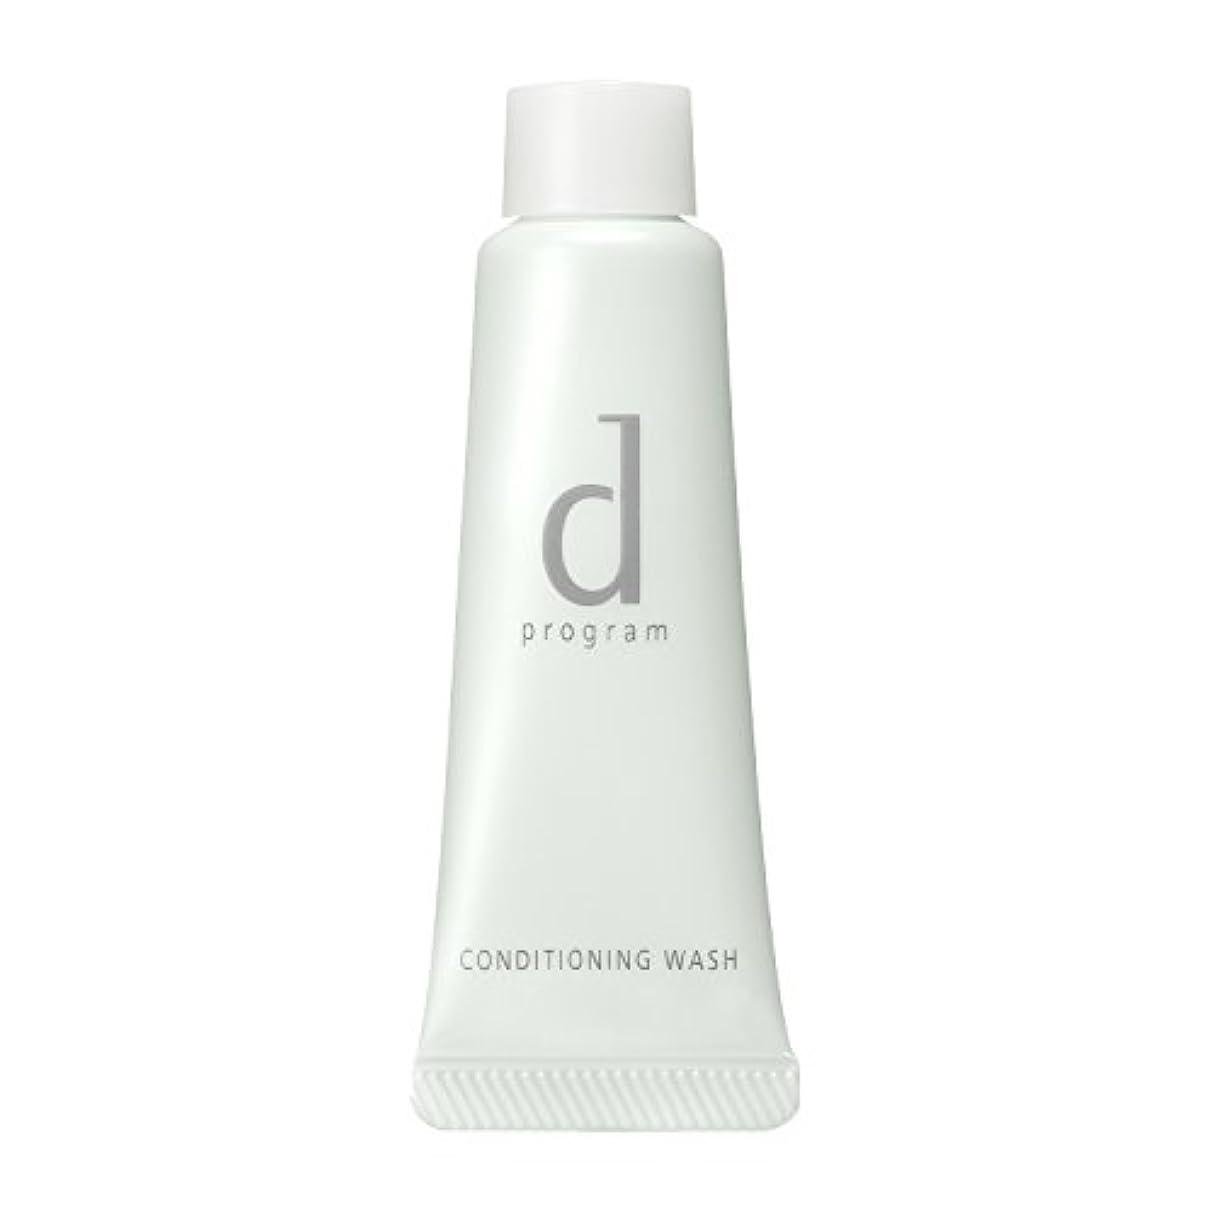 受賞急降下うがいd プログラム コンディショニングウォッシュ 洗顔フォーム (トライアルサイズ) 20g